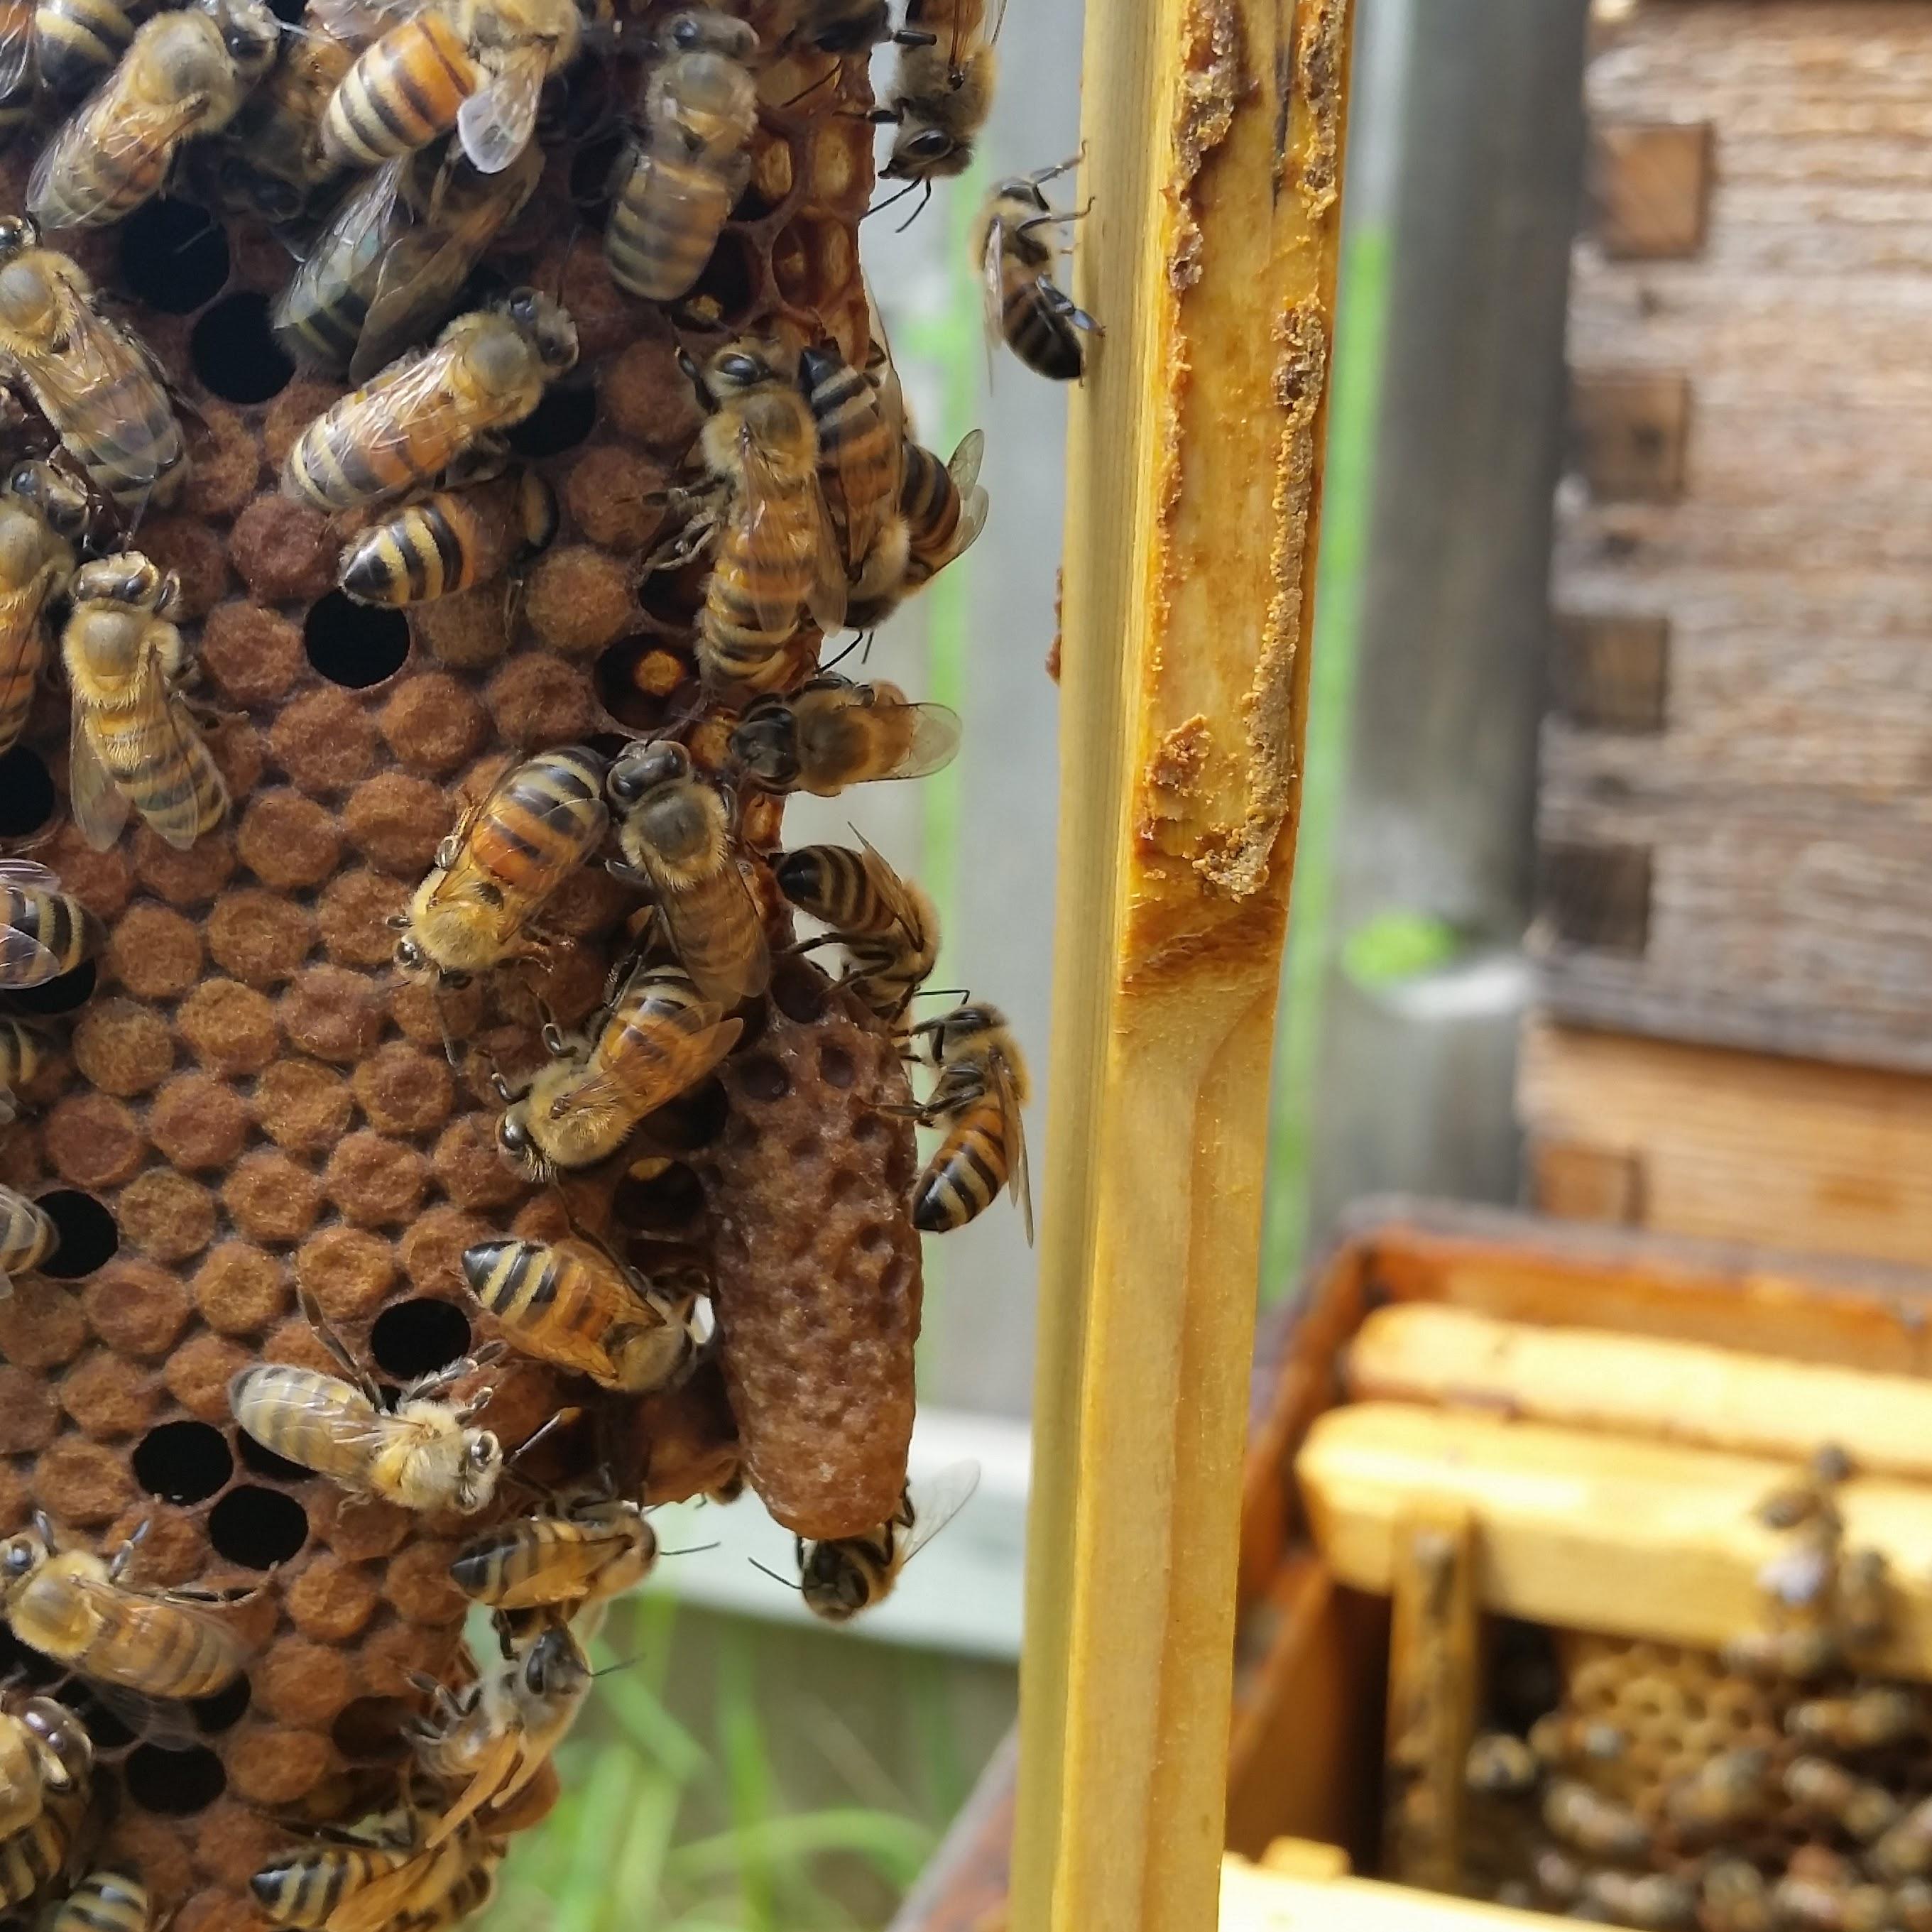 BZ Honey - Queen Barbara II in her cocoon.